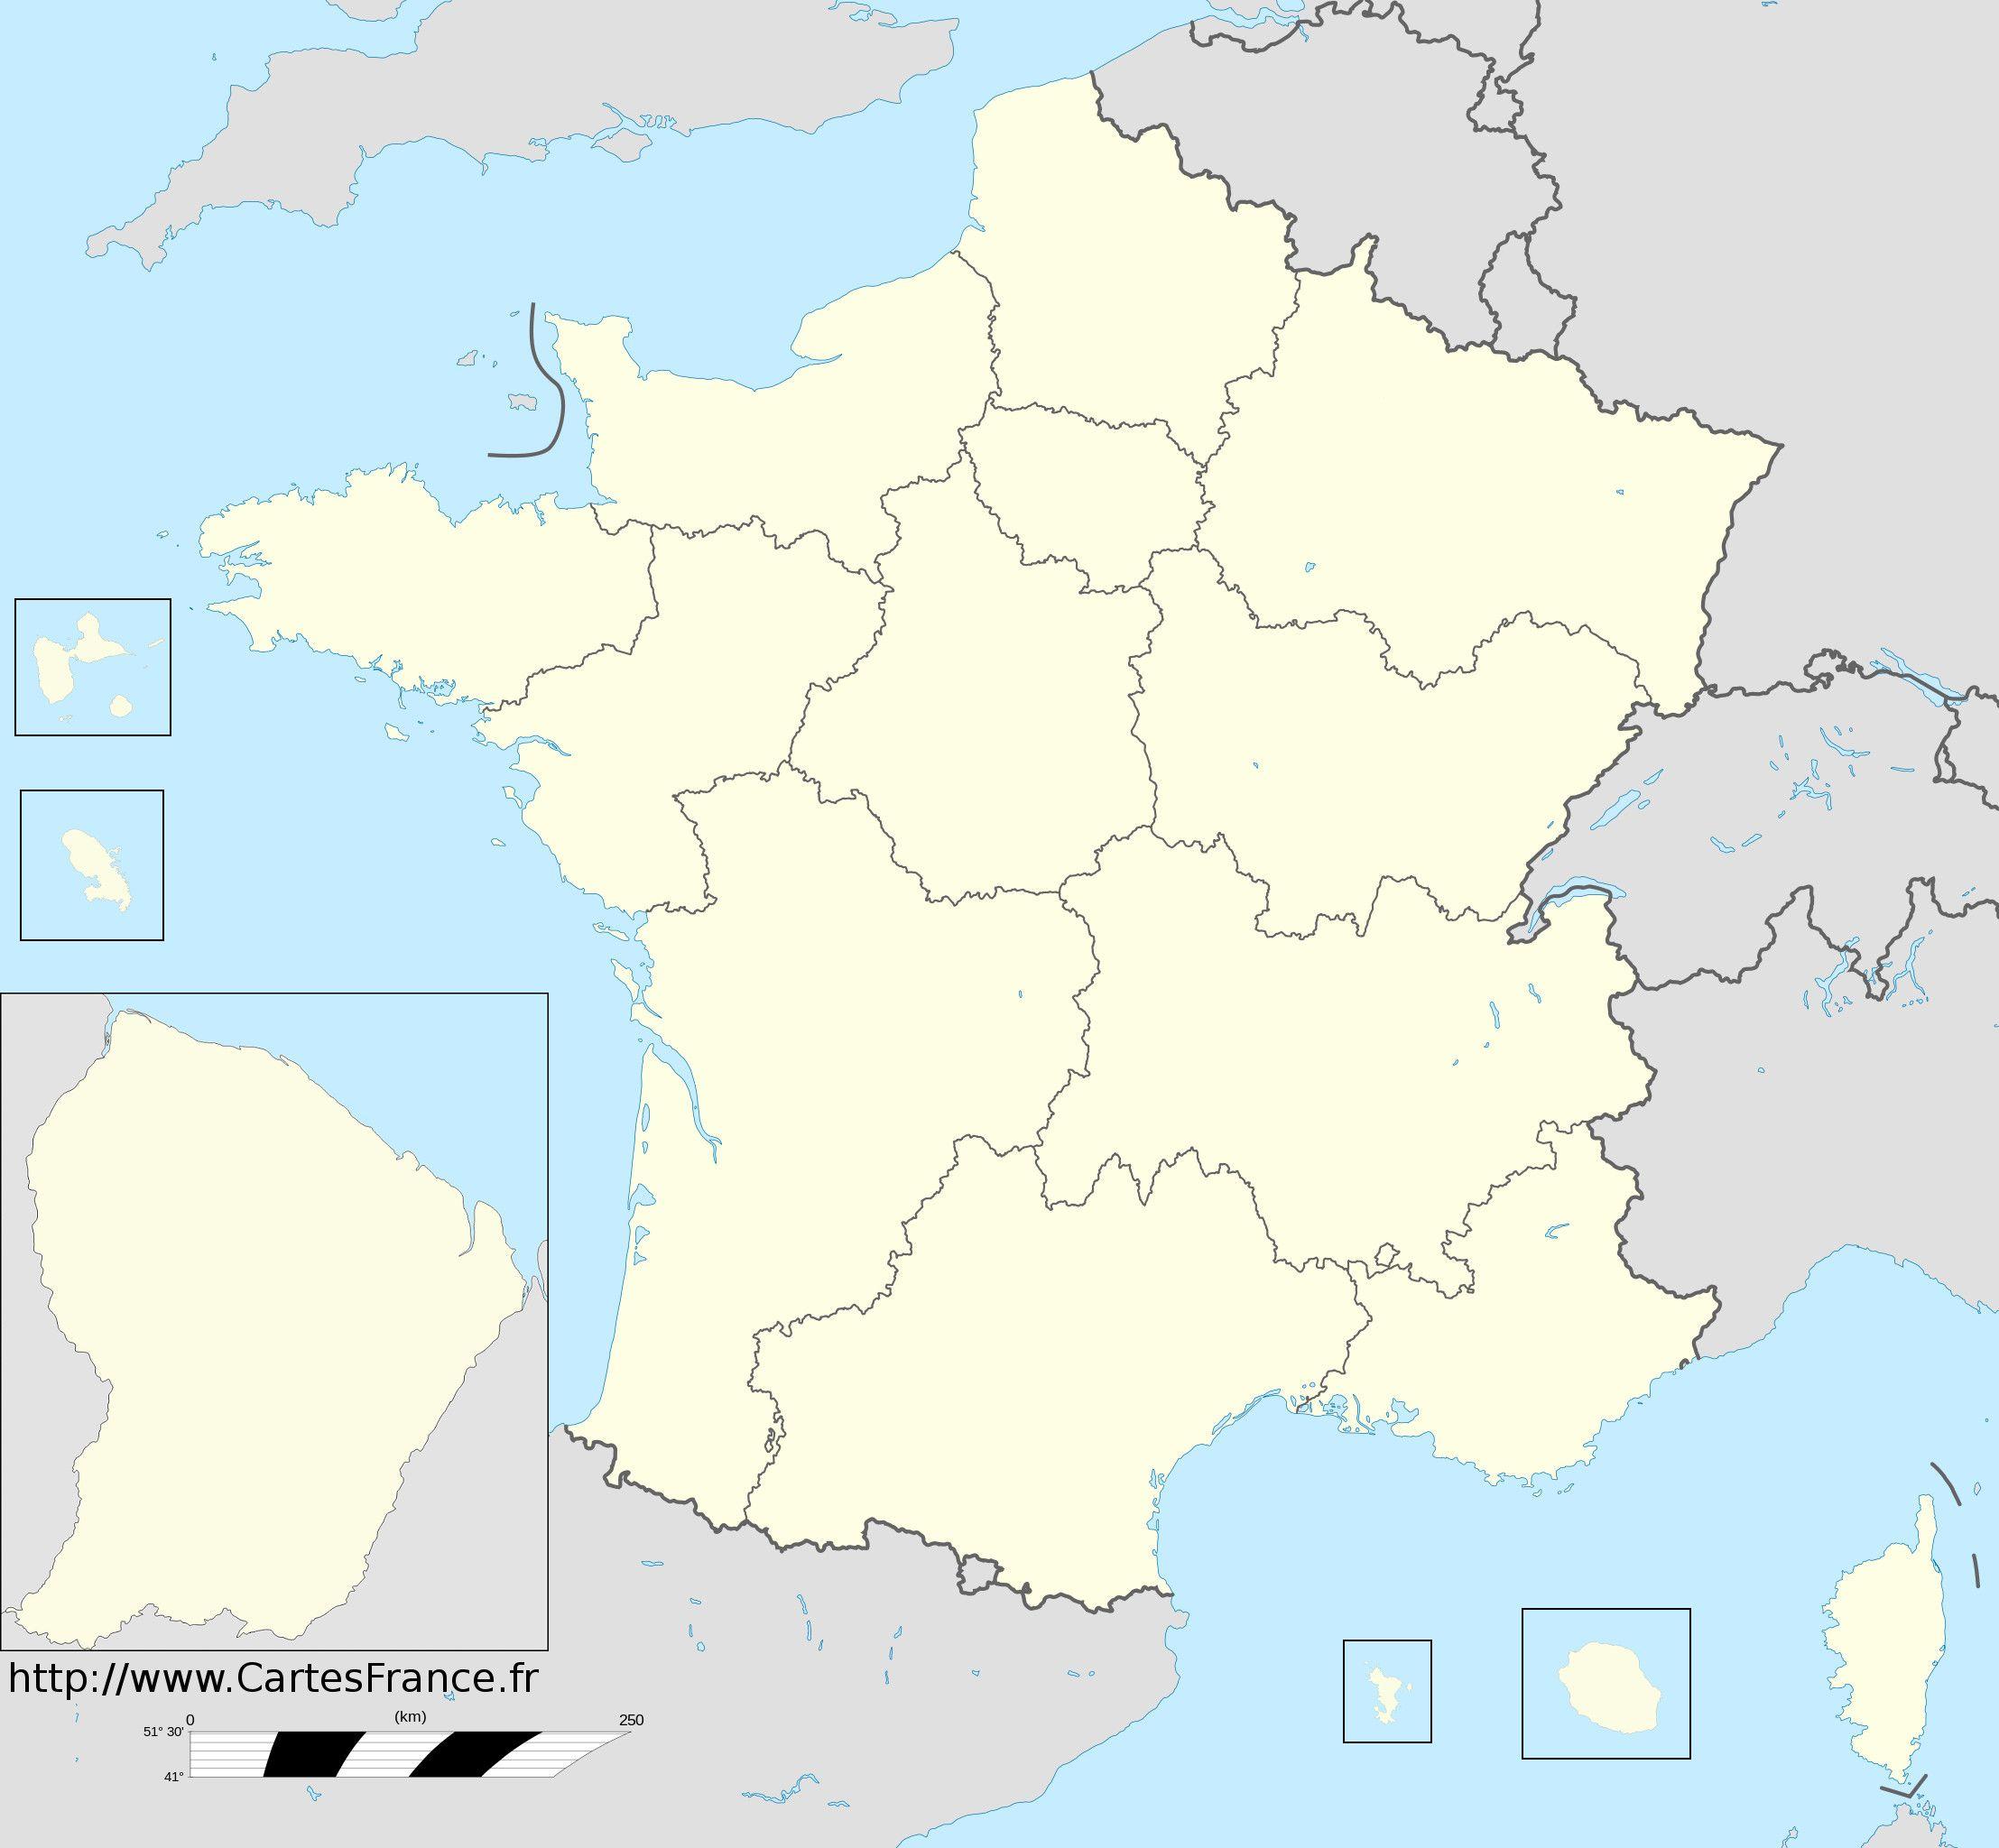 Fond De Carte Des Nouvelles Regions De France Cliquer Sur L Image Pour La Voir En Grand For Carte Des Regions Carte De France Departement Carte France Vierge